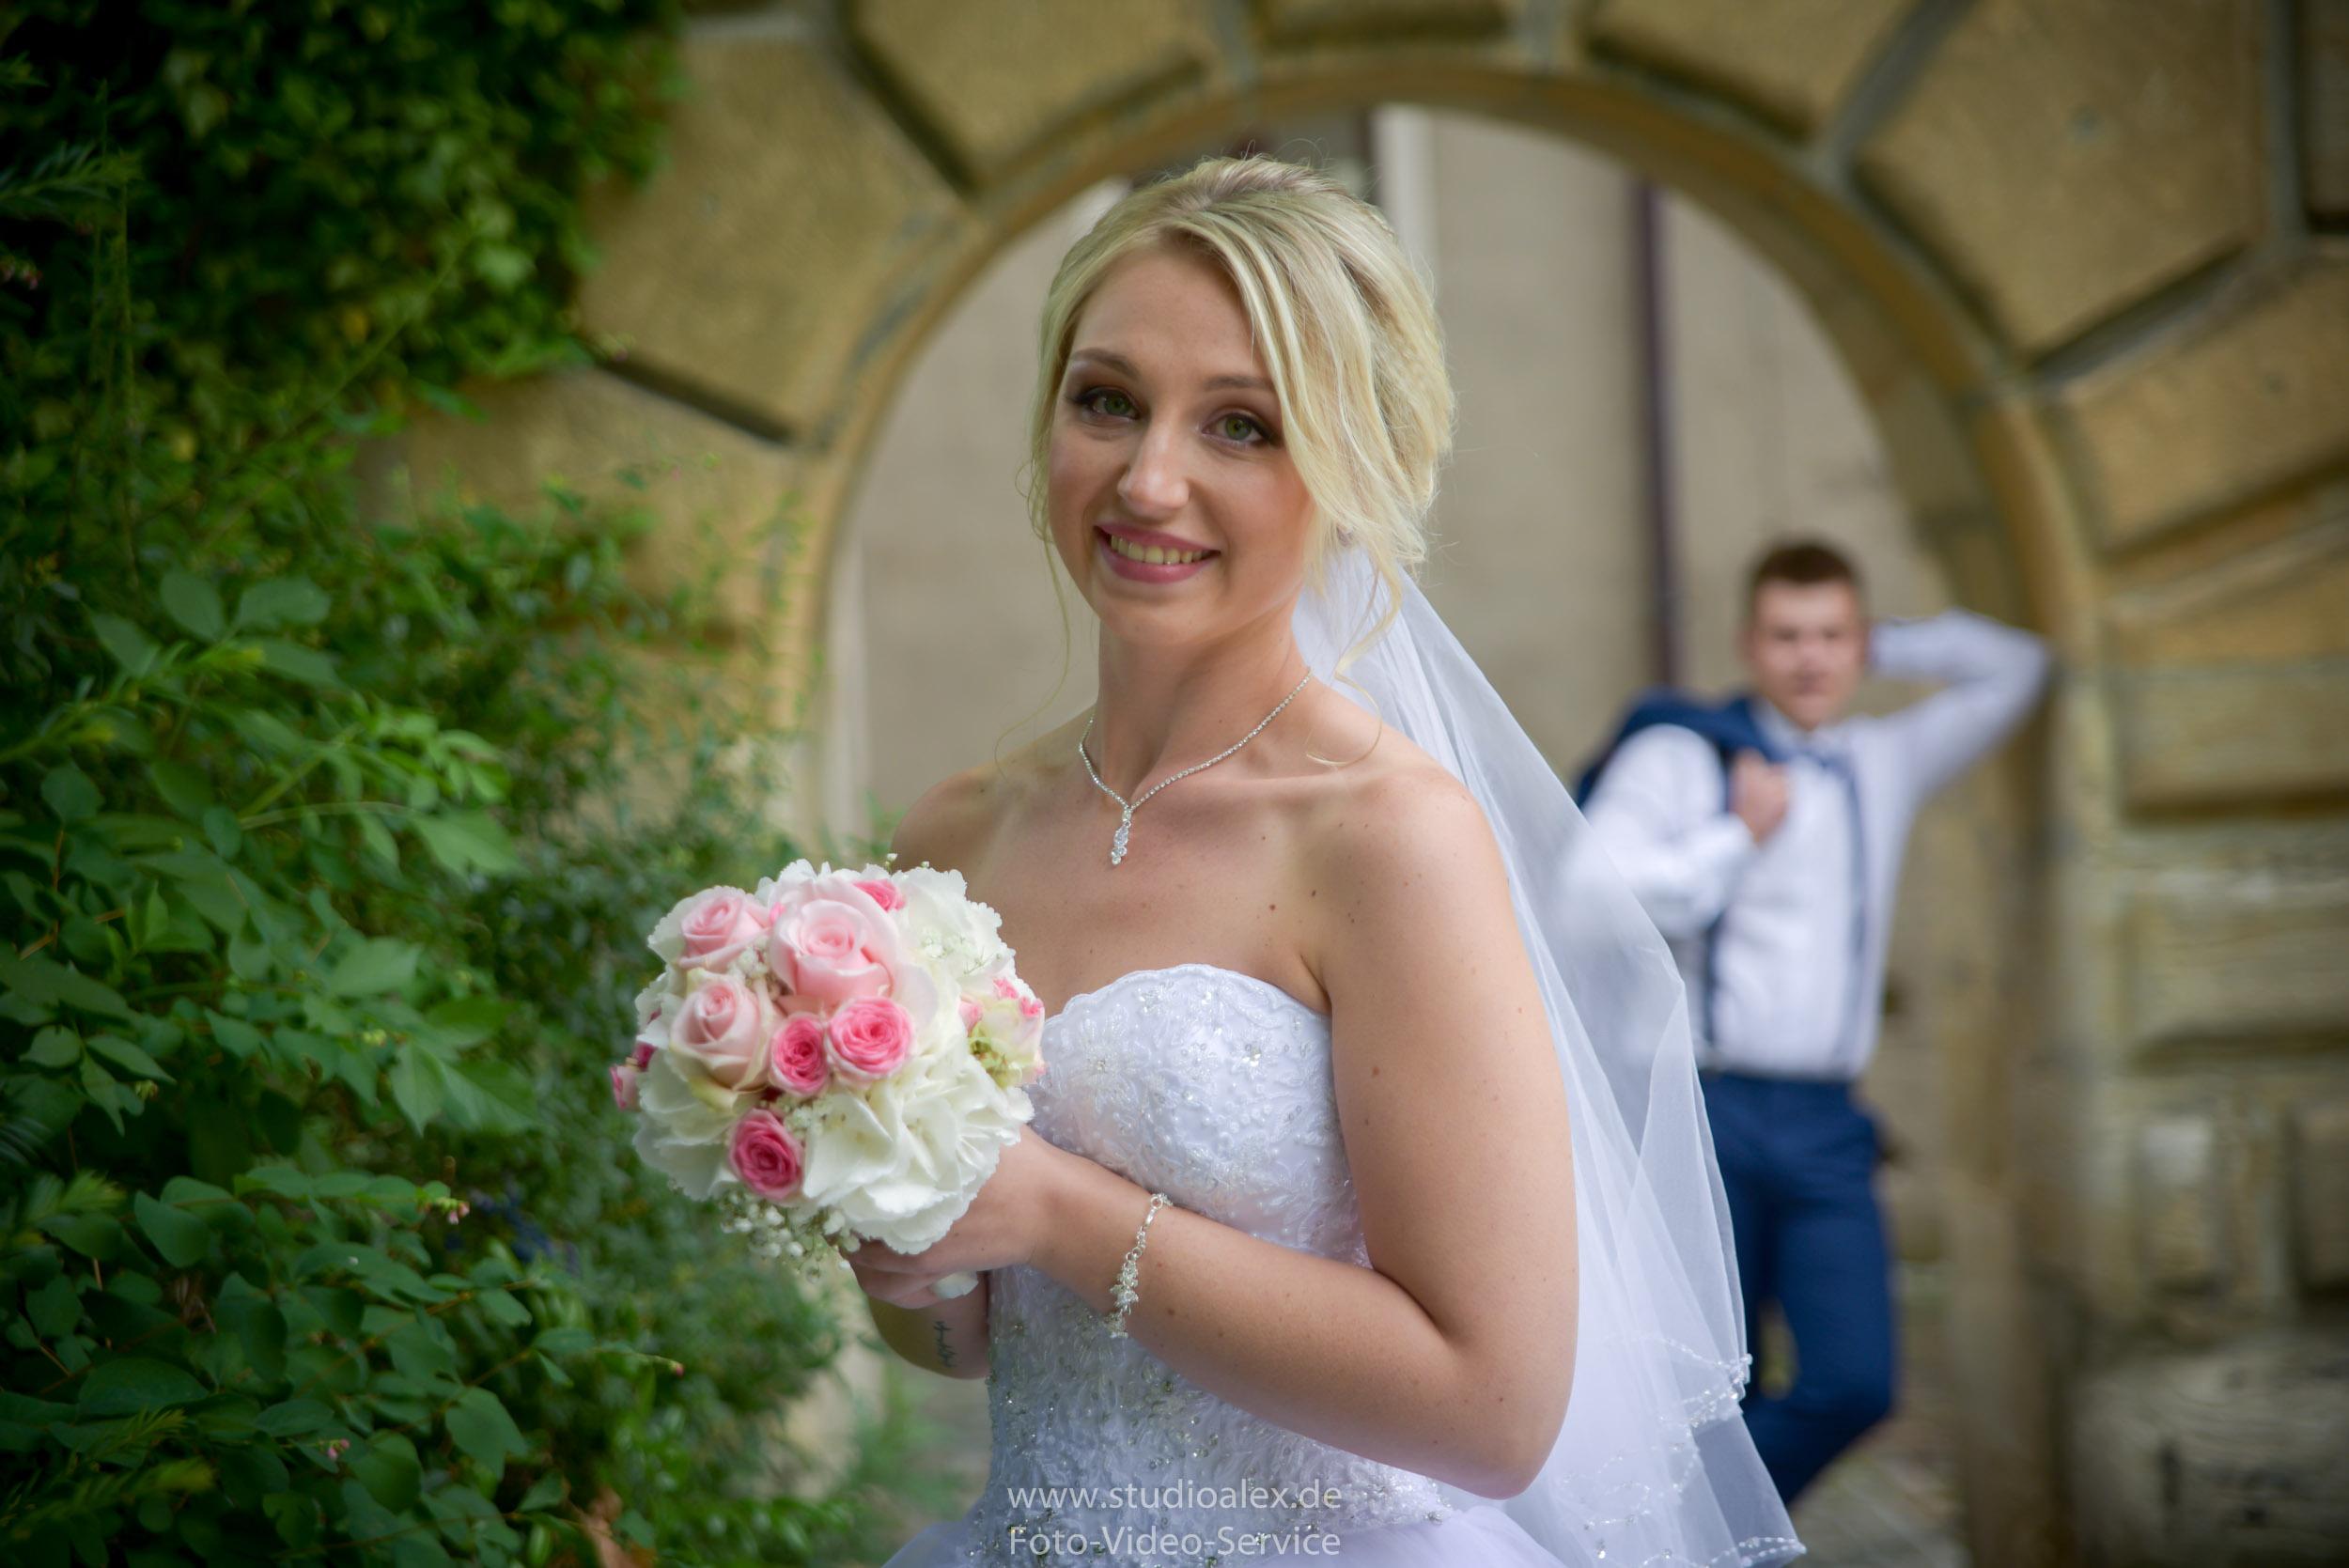 Hochzeitsfotograf-Amberg-Hochzeitsfotografie-Amberg-Hochzeit-Amberg-ACC-Fotograf-Amberg-8166.jpg